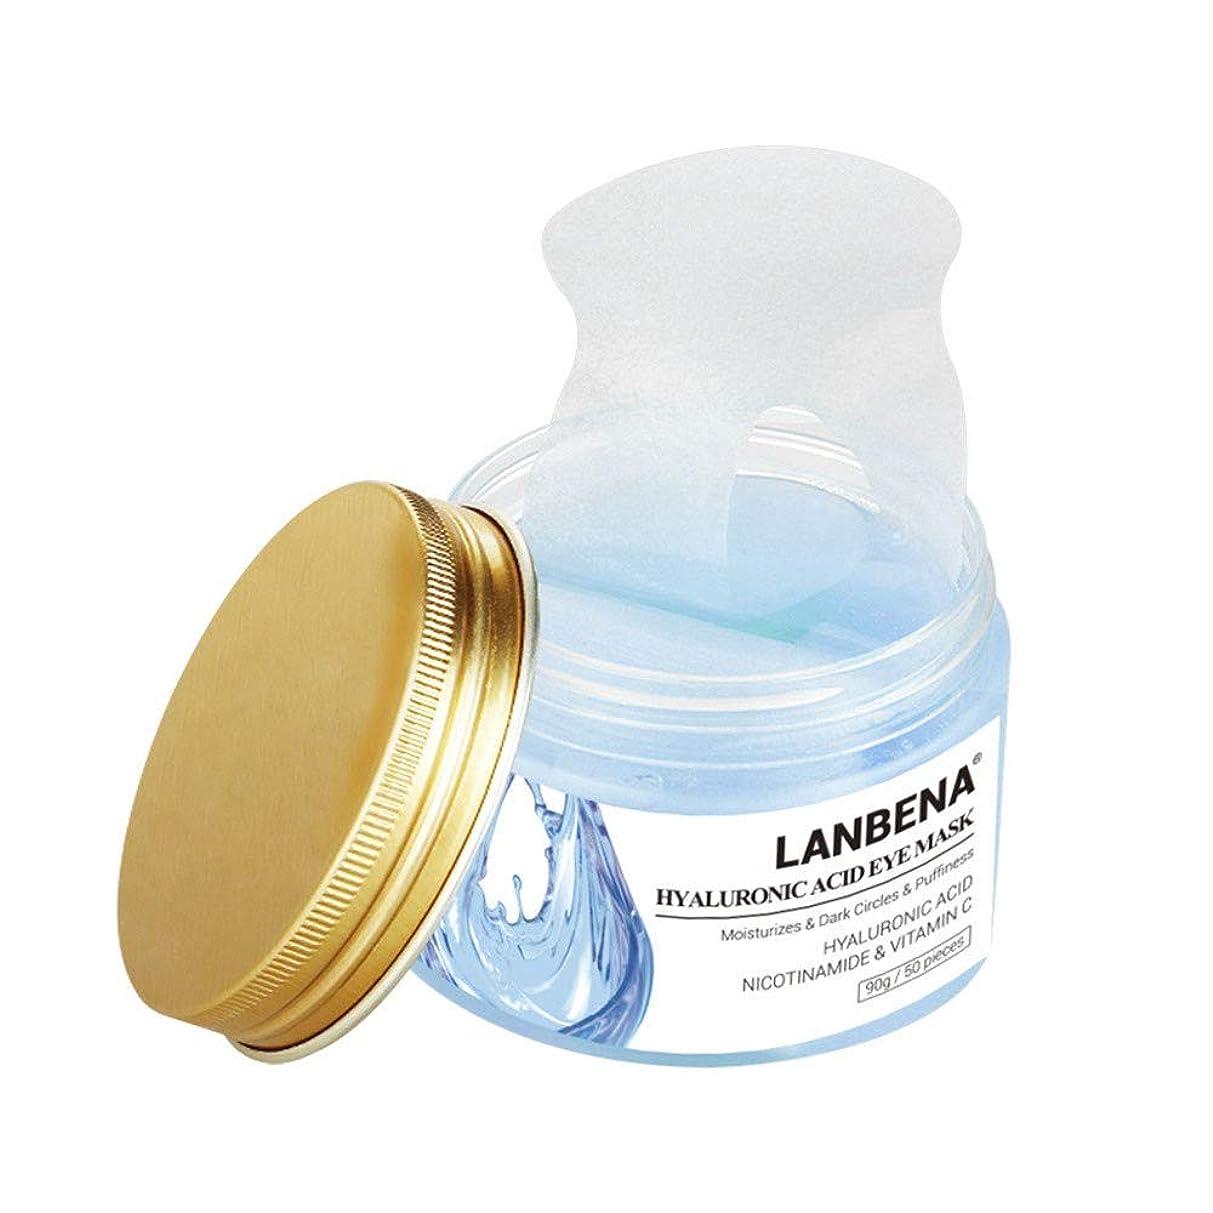 ペン部マイコンアイマスク アイパッチ 、水晶ゲルのパッチの反マスクの下の目のコラーゲンの老化のしわ、Uamaze アイケア 目元しわ用パッチ ビューティー スキンケア ボディケア フェイスケアツール基礎化粧品 、アイリックアイバッグを削除すると膨らみ、老化への抵抗コラーゲンタンパク質の弾力性が強くなります